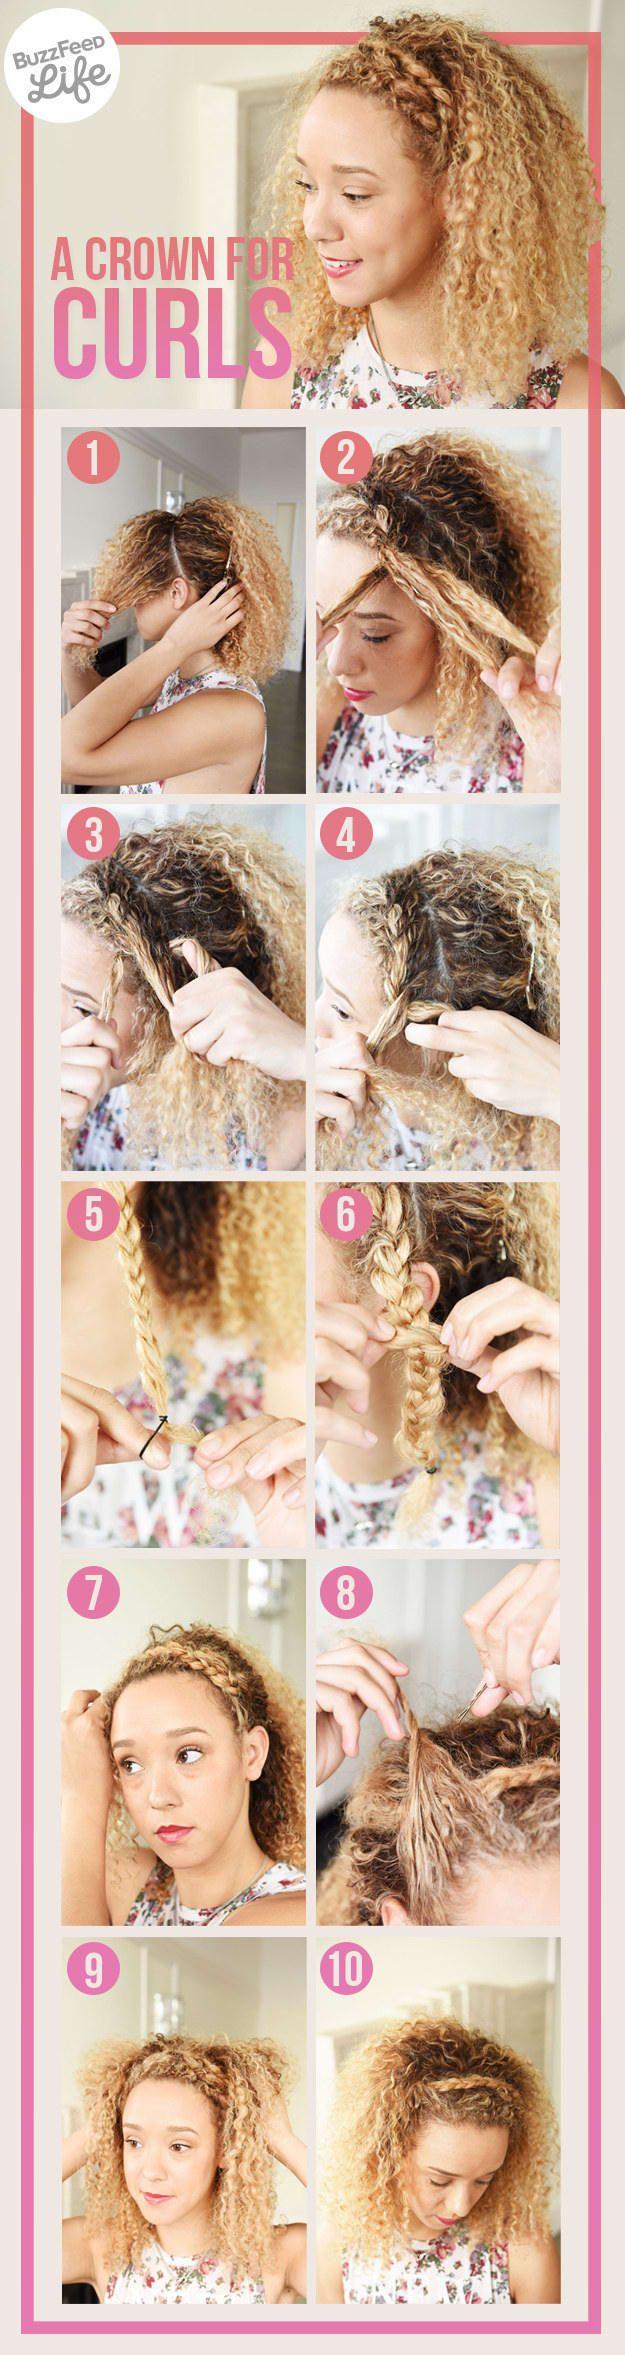 Lo que necesitarás: - pasadores - ligas de pelo - peine de cola - pinzas de pelo Paso 1: Con un peine de cola, crea una sección frontal del pelo alrededor de la cabeza, de oreja a oreja. Sujeta con el clip de nuevo el resto de tu cabello para mantenerlo, por ahora, fuera del camino. Paso 2: Iniciando por un lado de tu cabeza, haz una trenza francesa en la sección frontal del pelo a lo largo de la línea del cabello. Paso 3: Continúa la trenza francesa, añadiendo más pelo a cada tramo a...